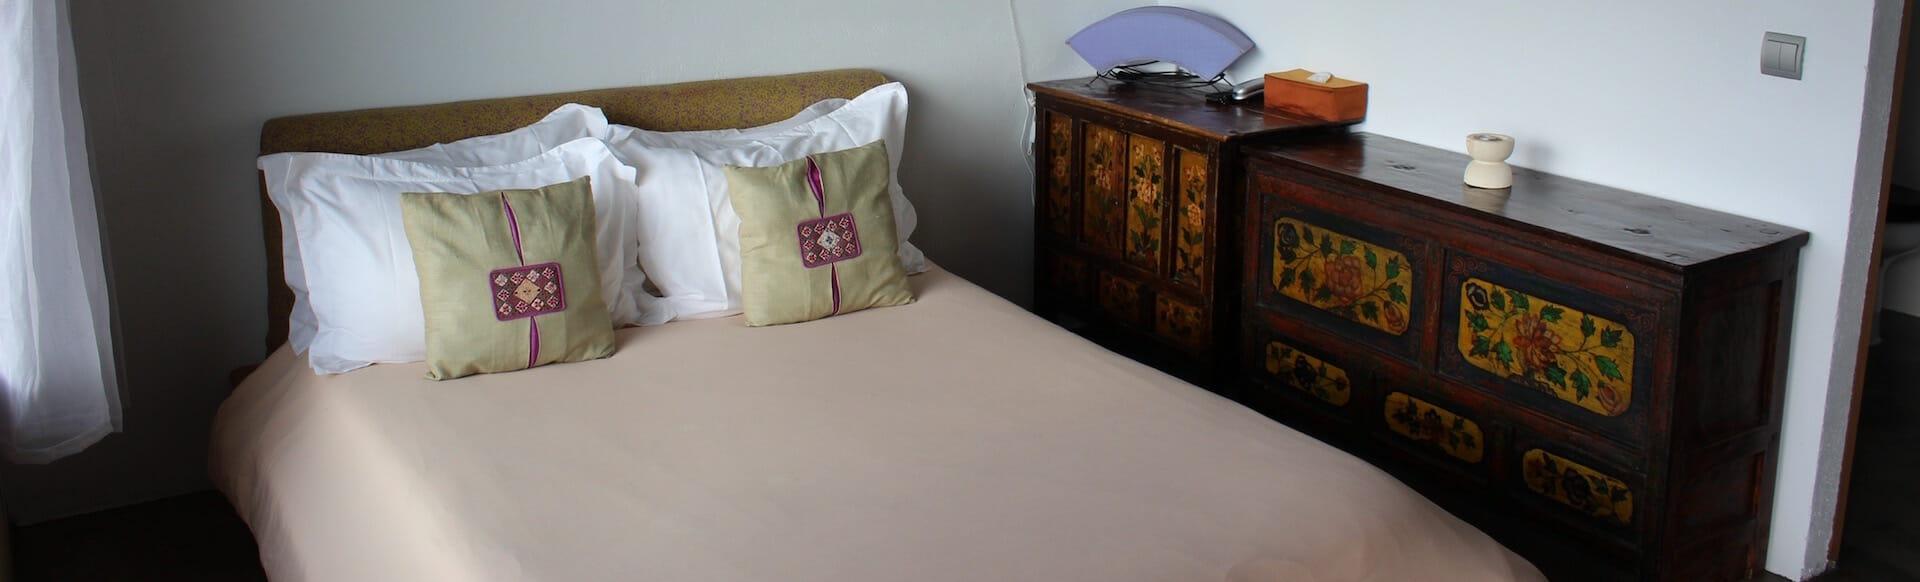 Habitación normal - cama